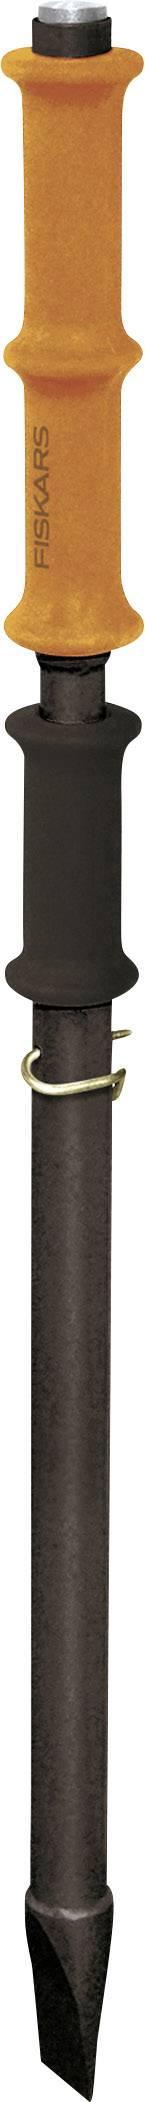 Štípač špalků Fiskars, 121100, 980 mm